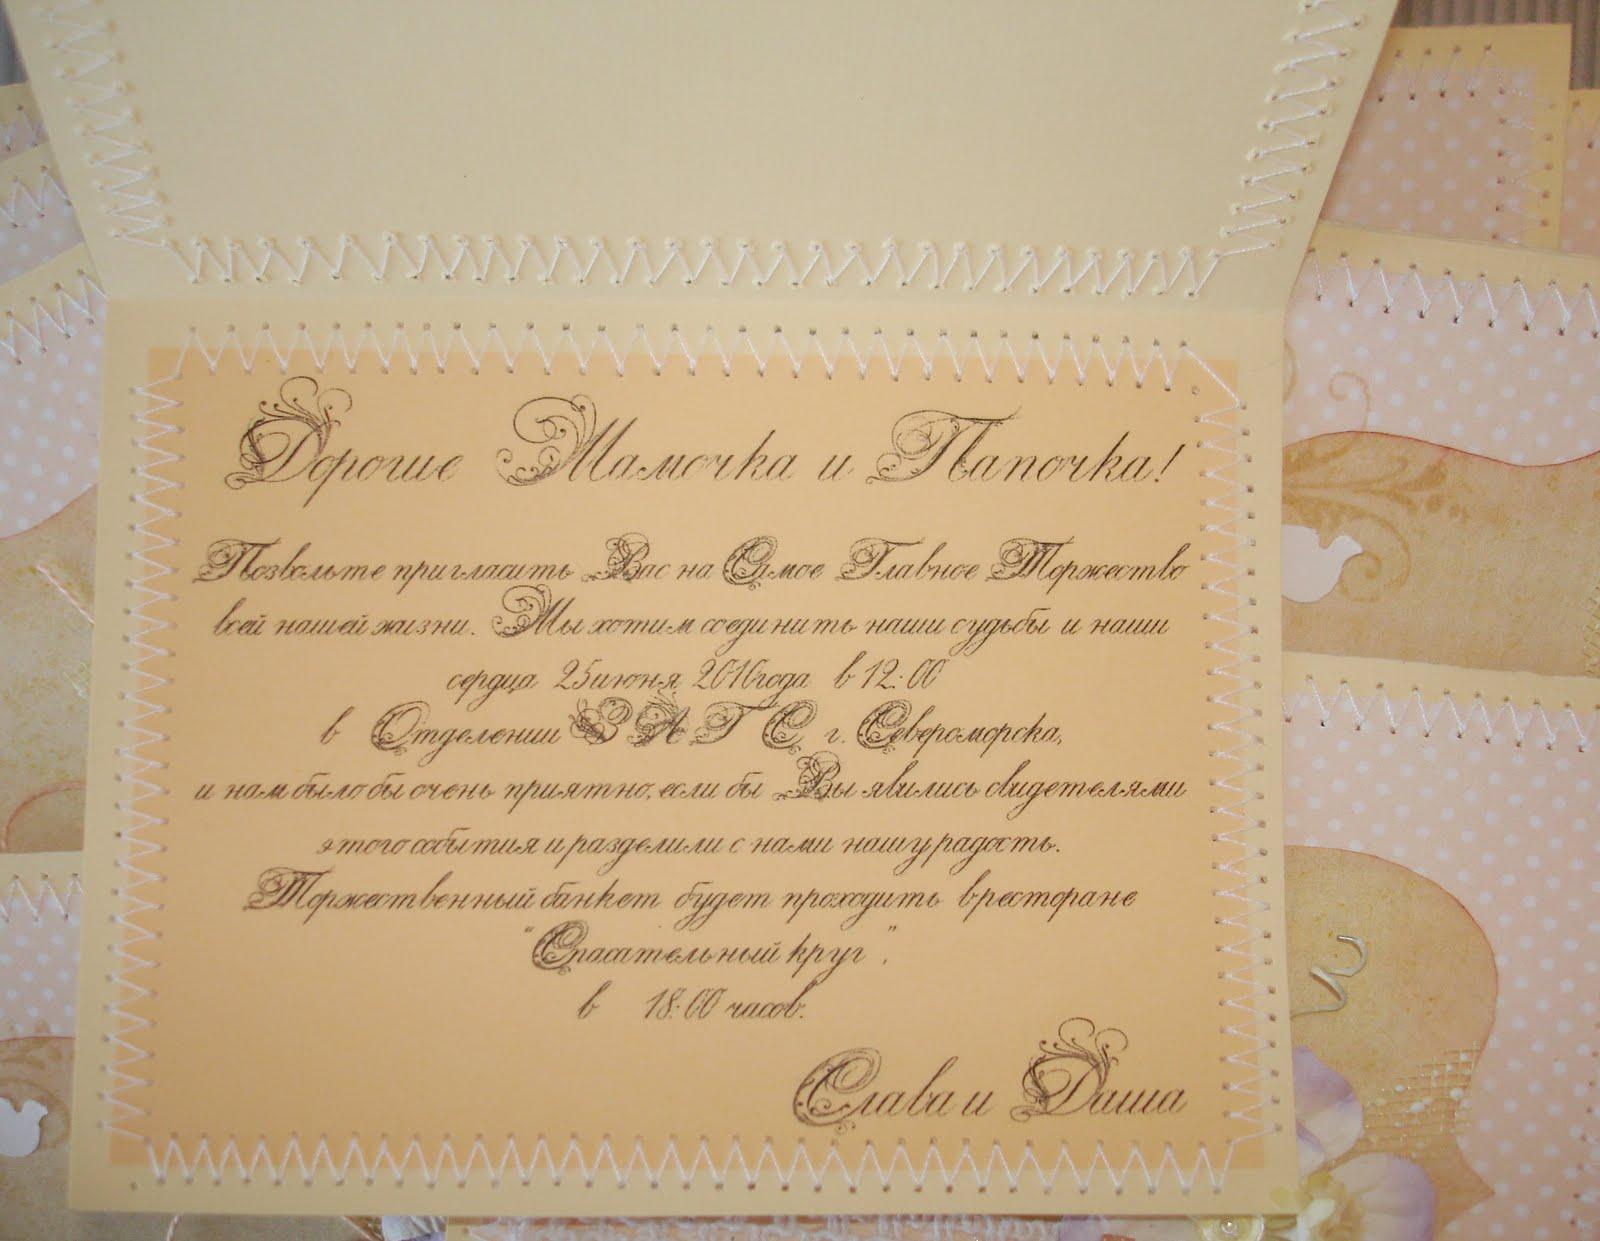 Поздравления на свадьбу от отца невесты, жениха - Поздравок 60